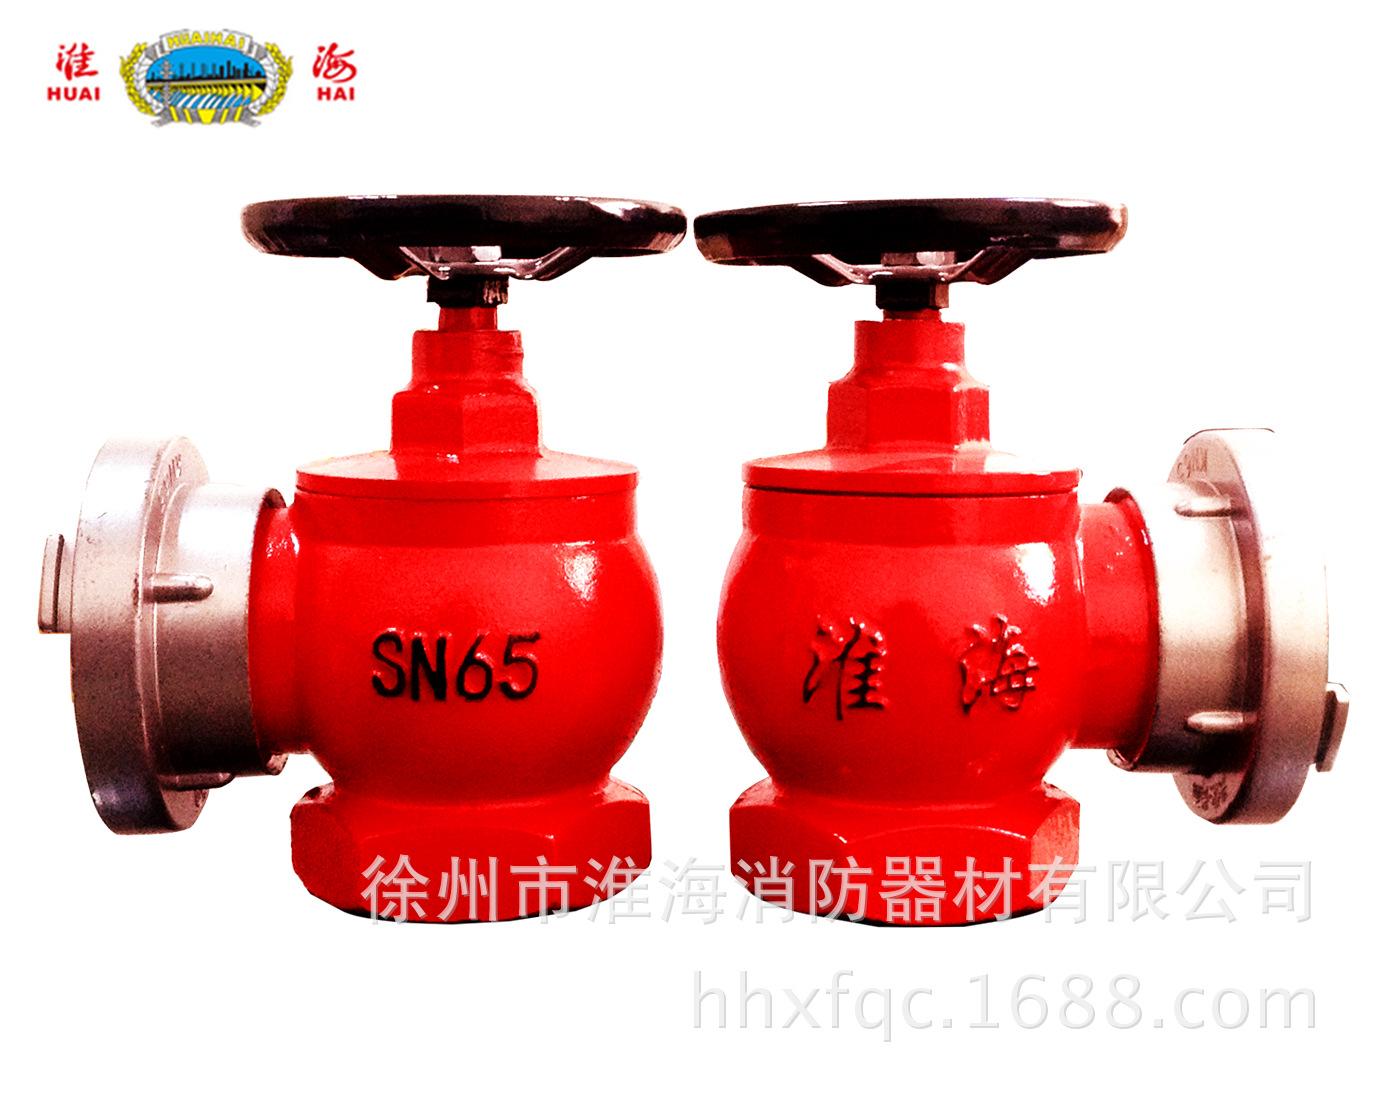 旋转型检验稳压型栓厂家批发 商场、宾馆、仓库等工程 消火栓 消防栓